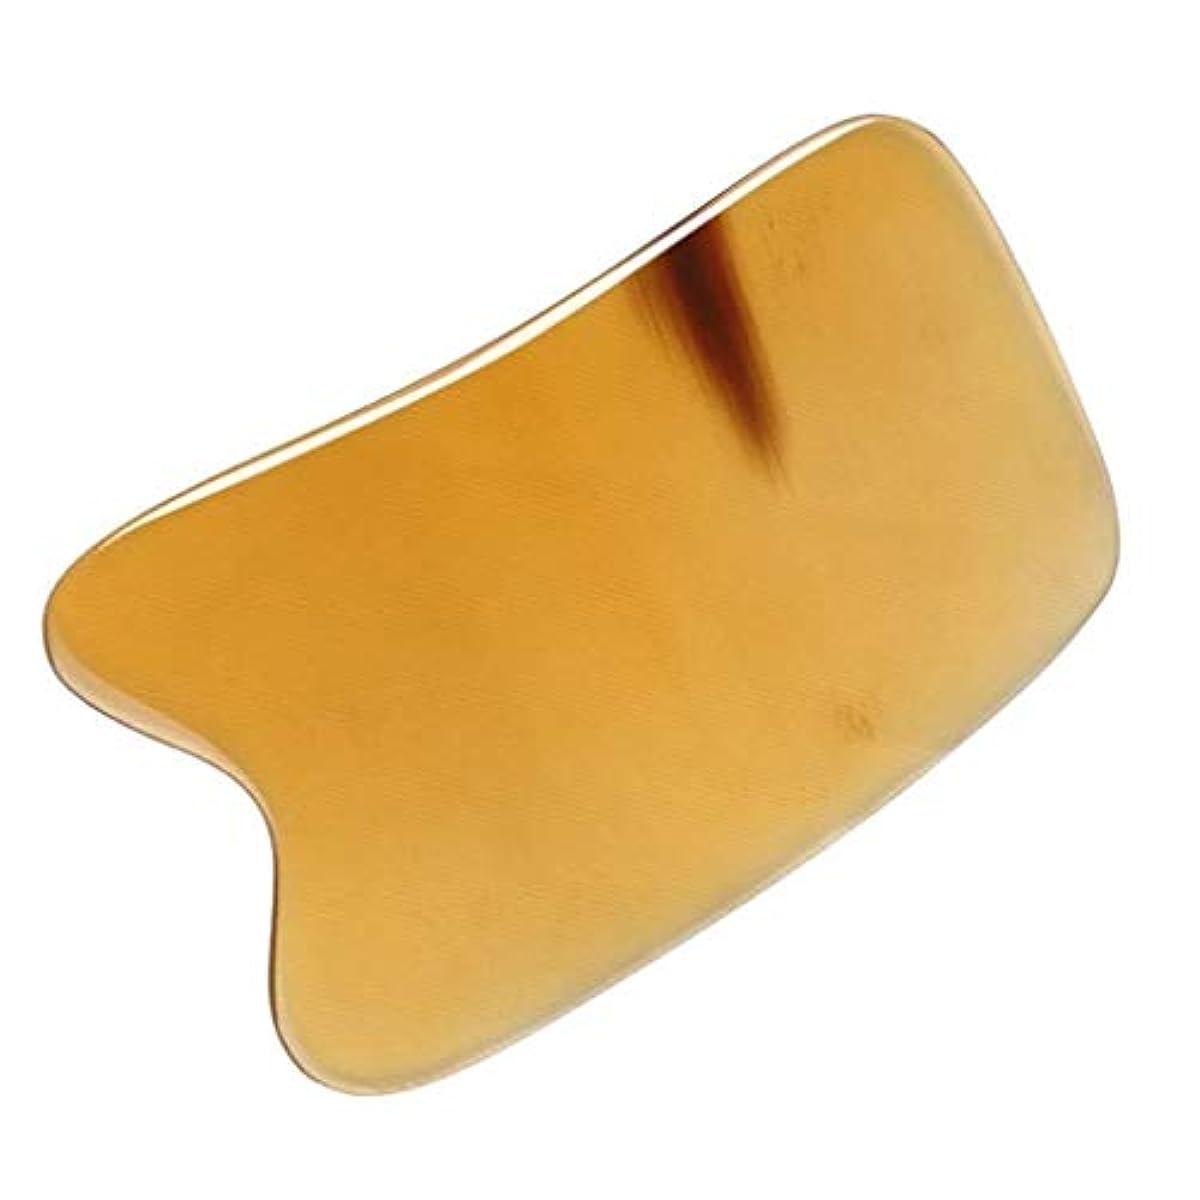 結婚した労苦くしゃくしゃIASTMグラストン理学療法ツール-最高品質のハンドメイドバッファローホーングアシャボード-首と筋肉の痛みを軽減 (Size : 5mm)